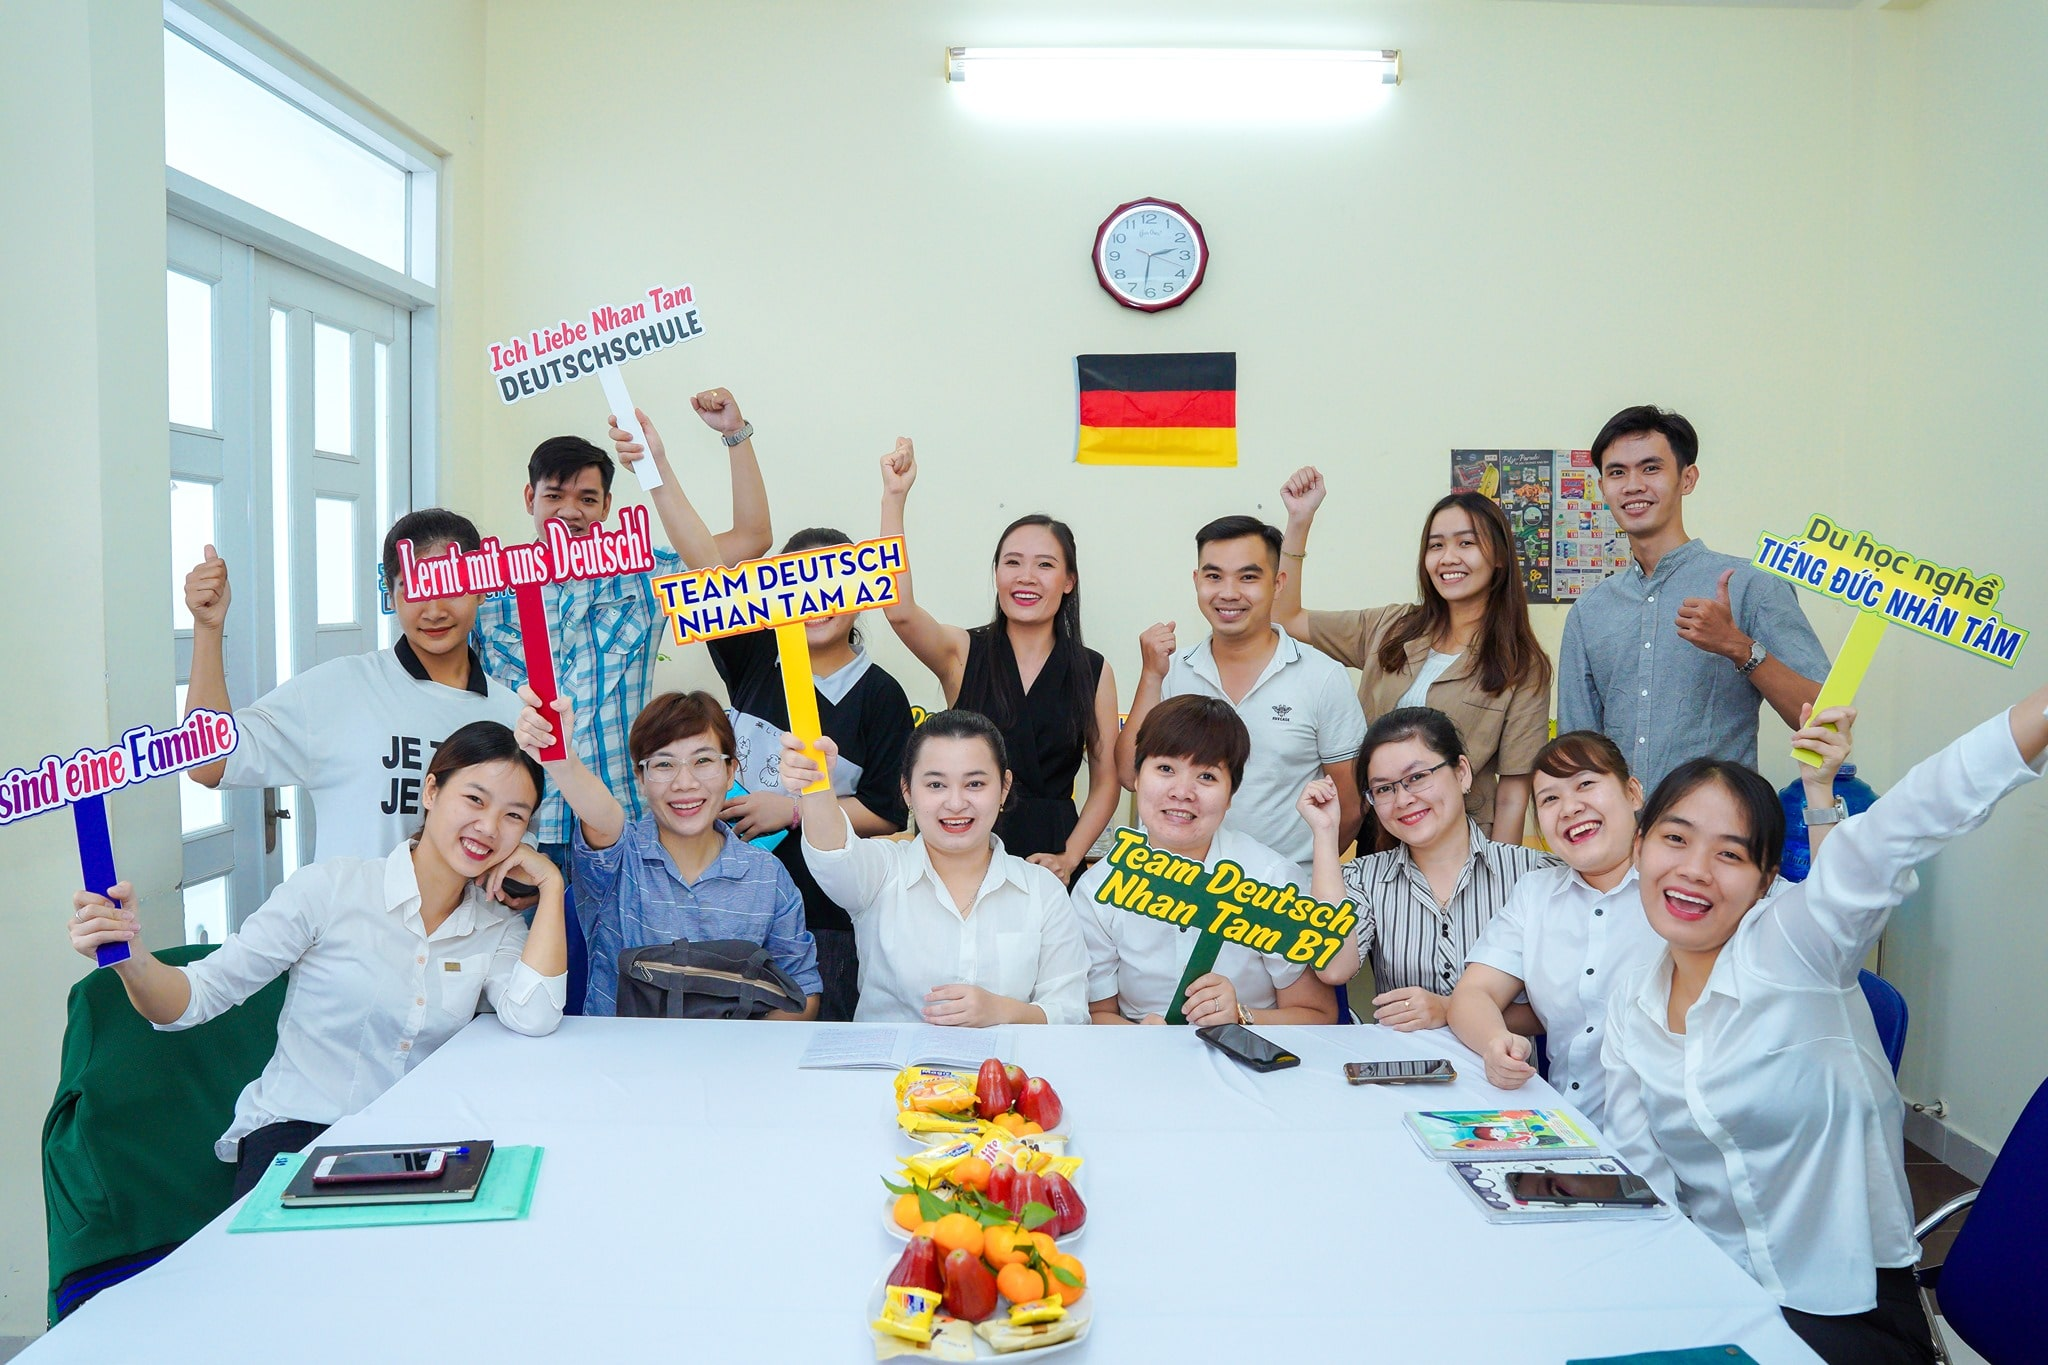 học tiếng Đức tphcm